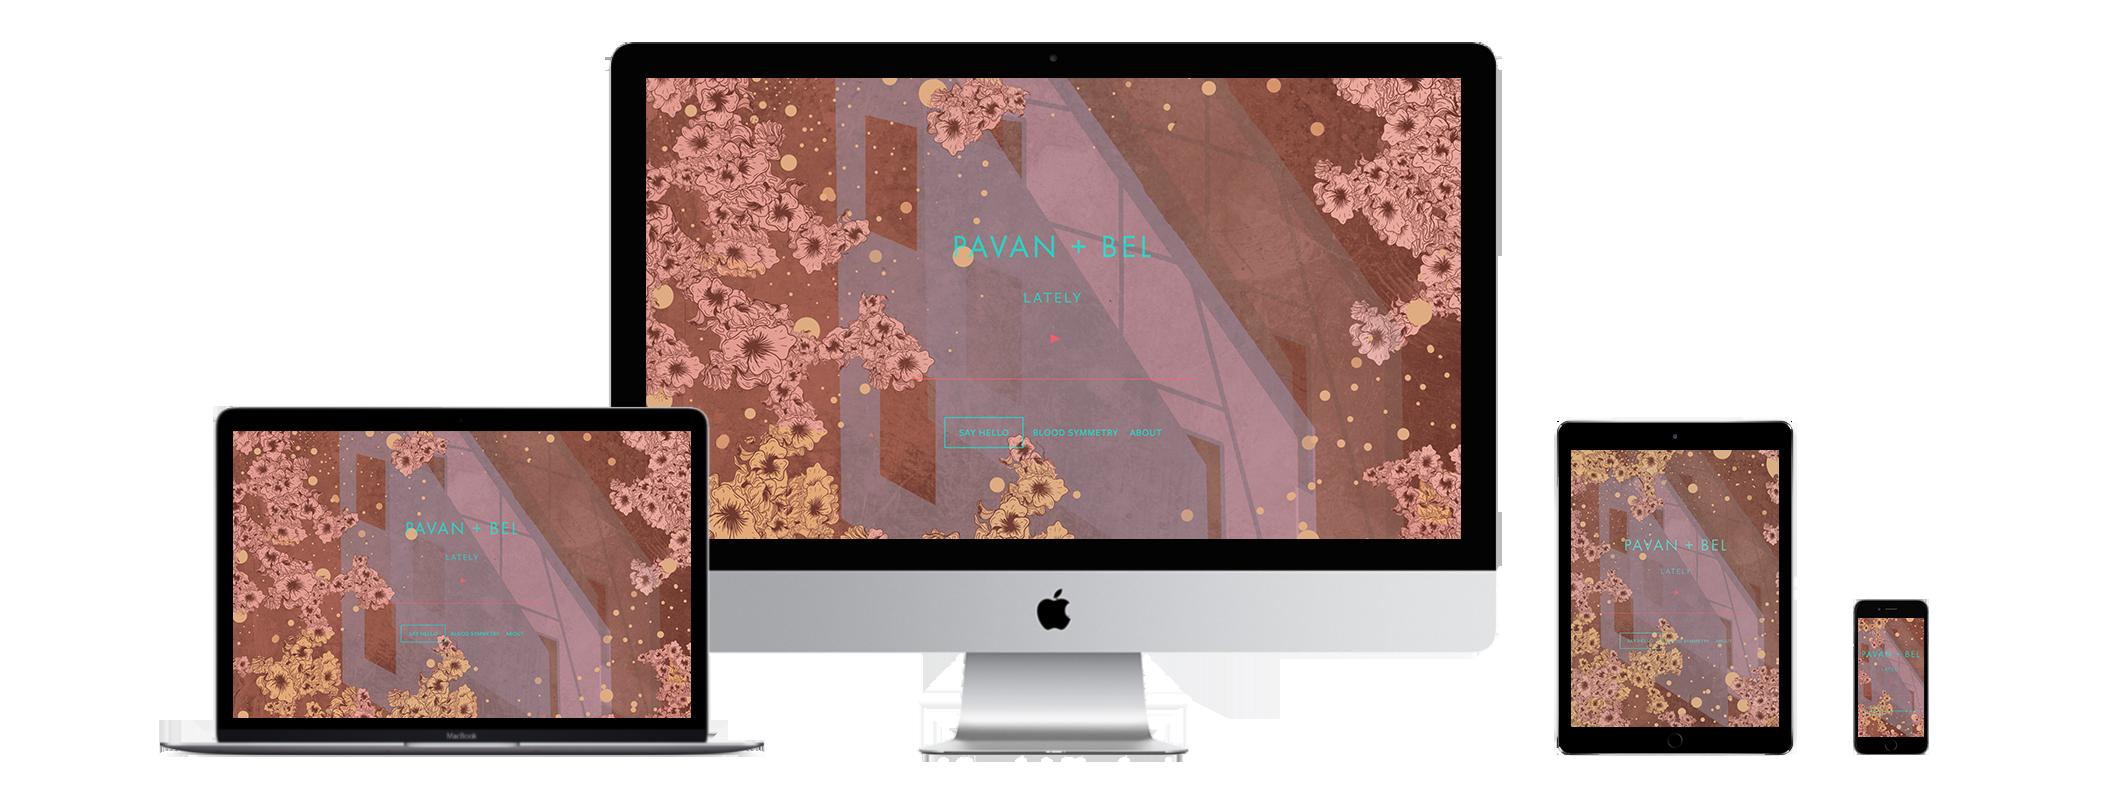 XYZ Design | Pavan+Bel Website Device Displays